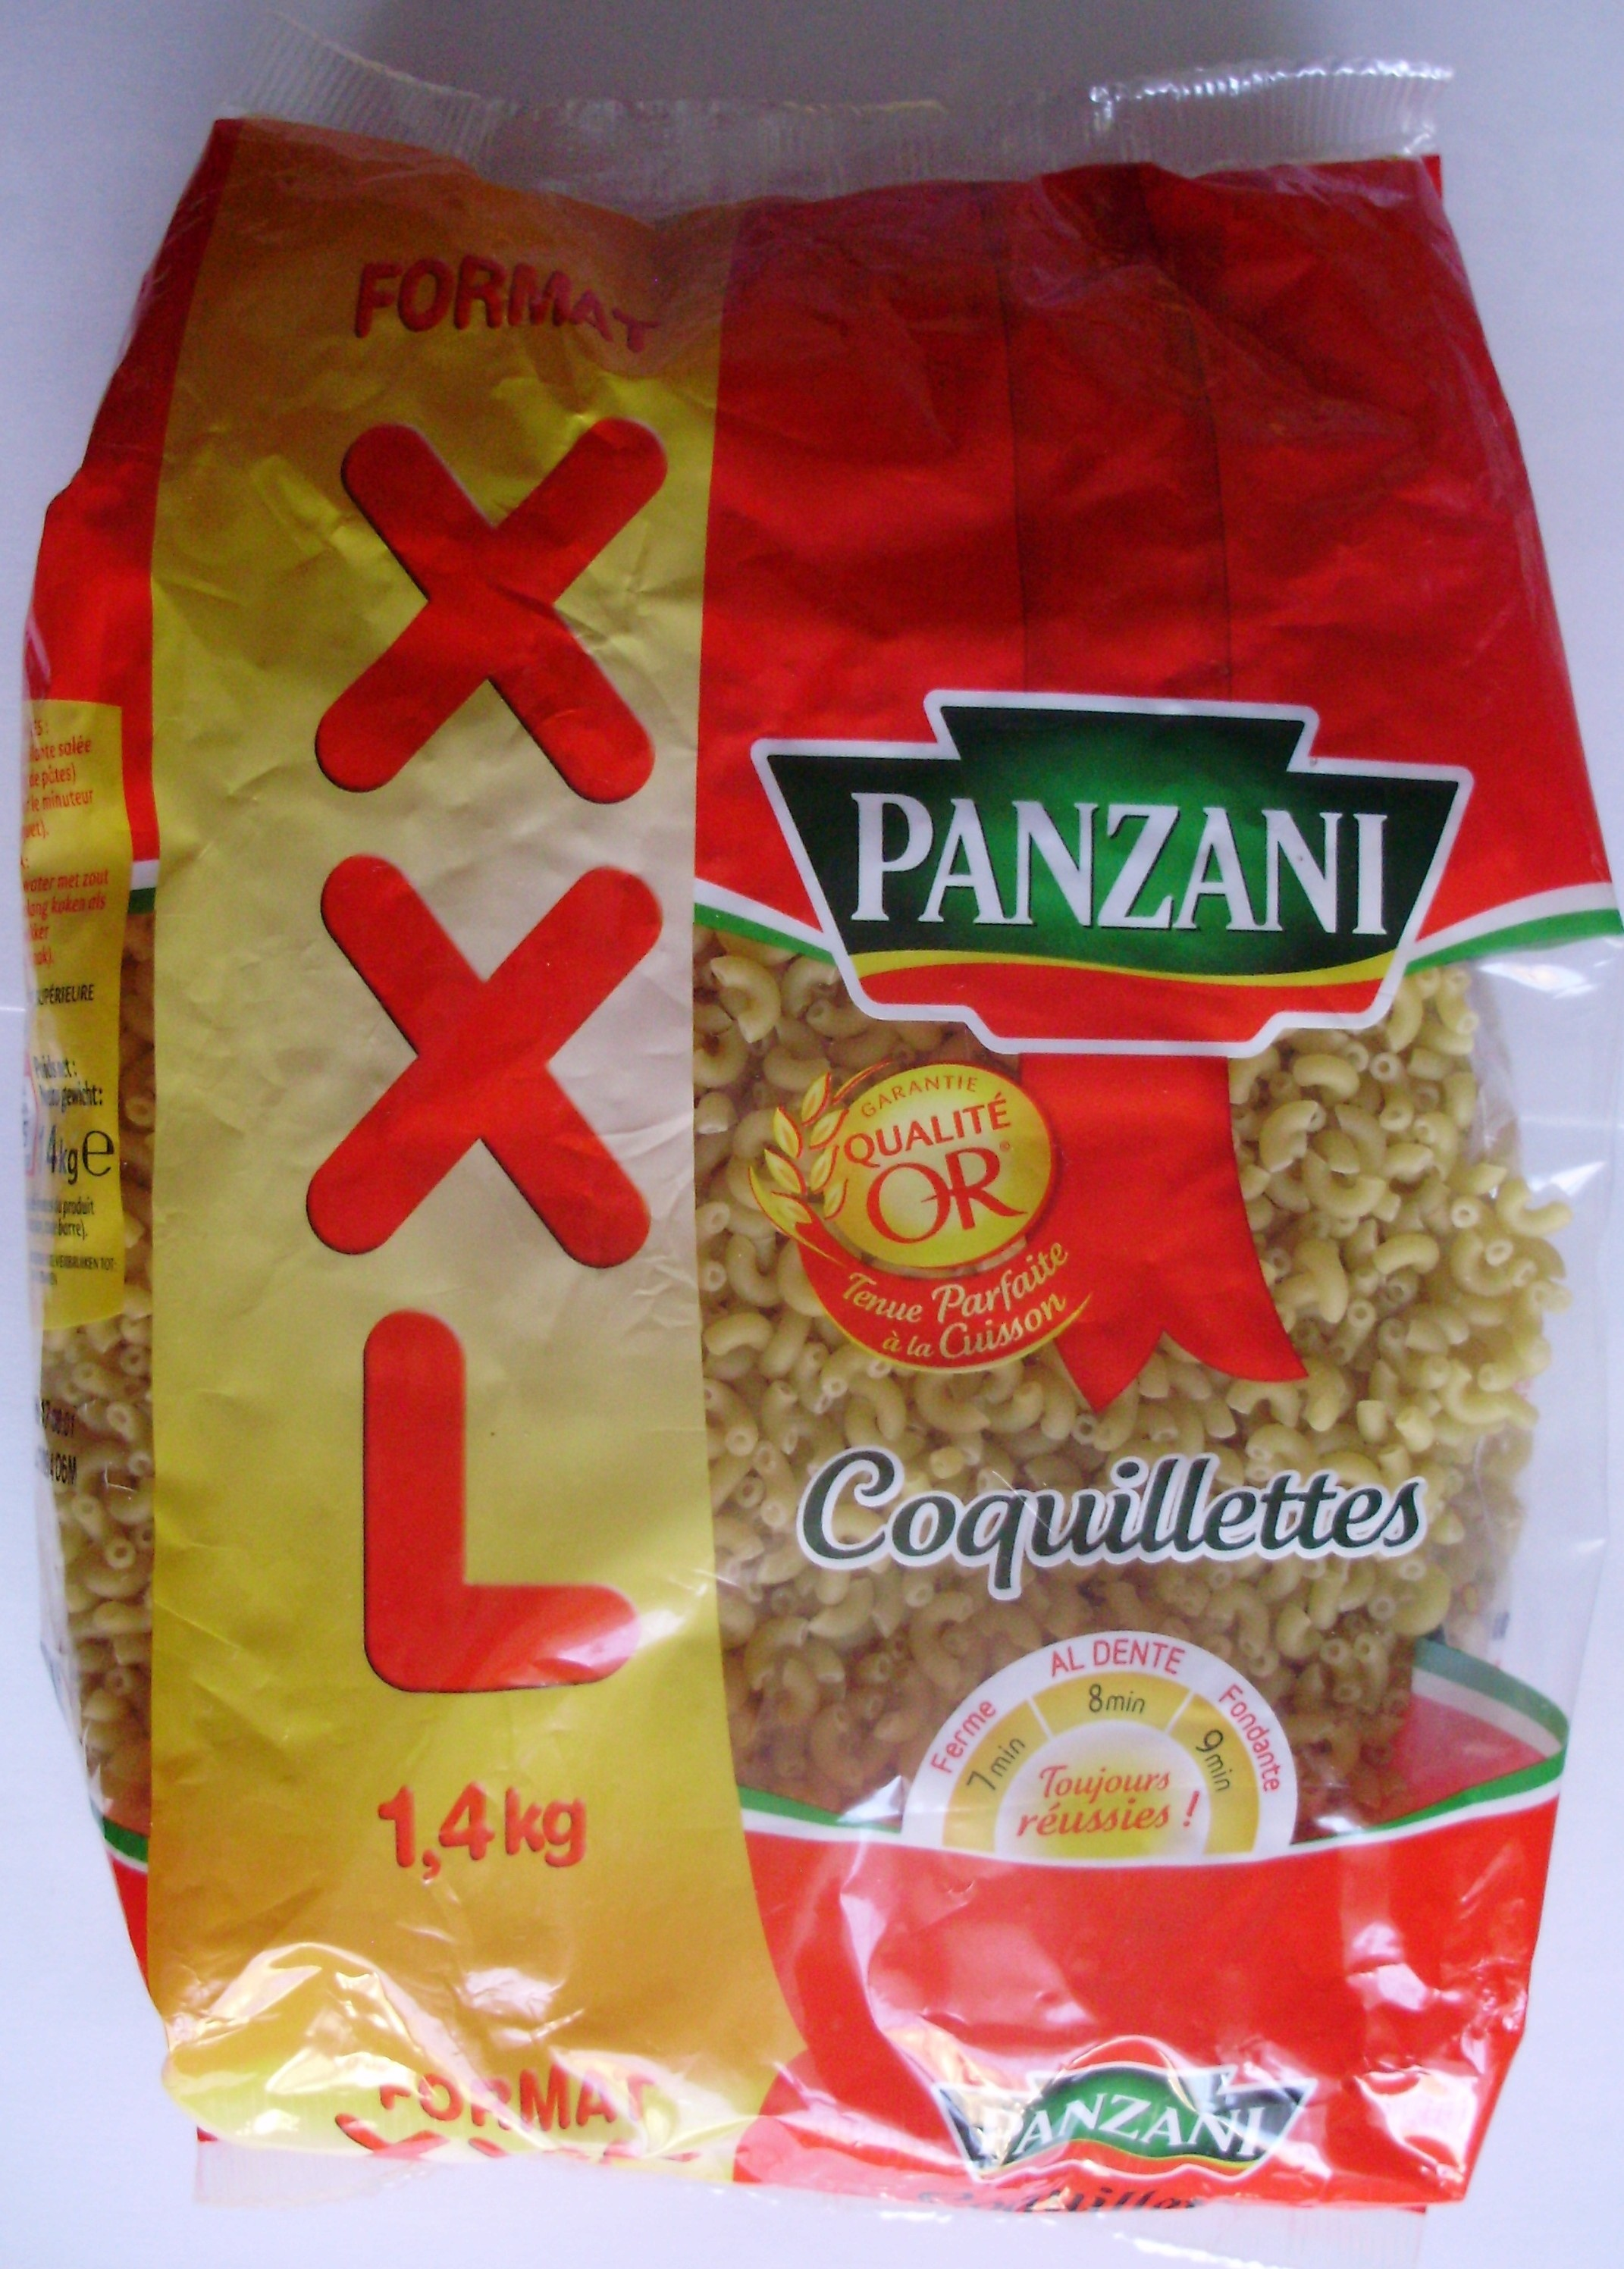 Panzani coquillettes 1,4kg - Produit - fr